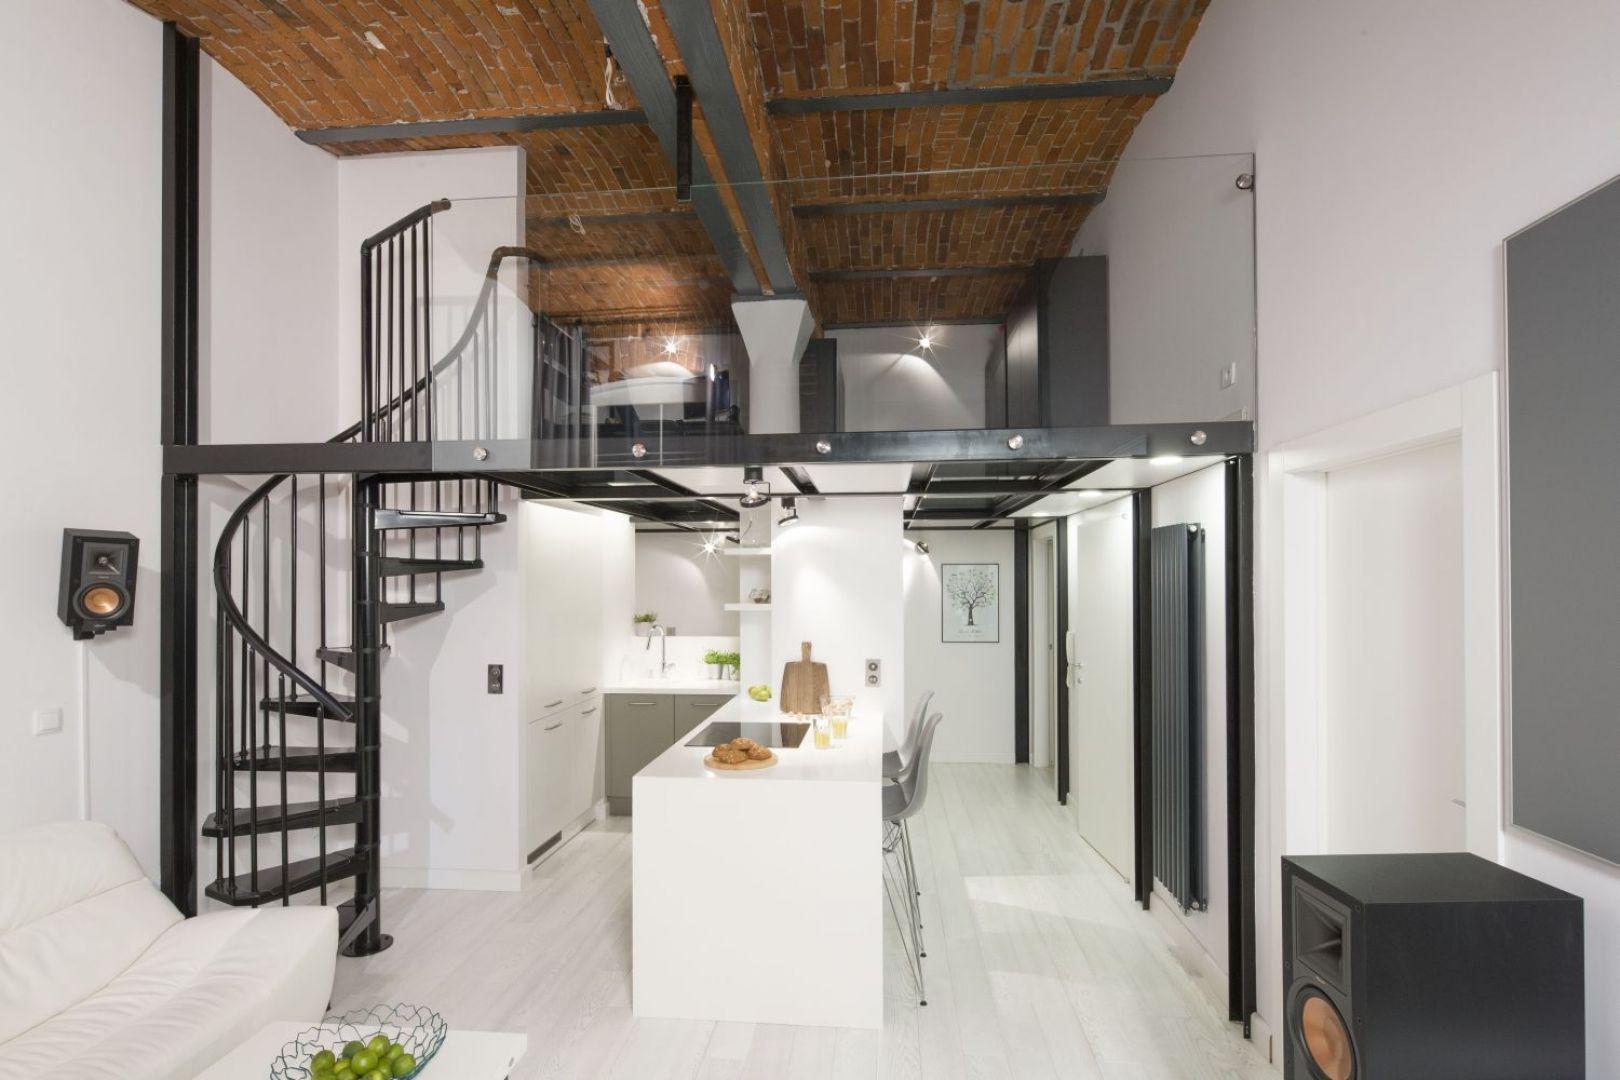 Ta otwarta kuchnia w stylu loft znajduje się w mieszkaniu w zrewitalizowanej fabryce papieru. Projekt: Szymon Chudy. Fot. Bartosz Jarosz